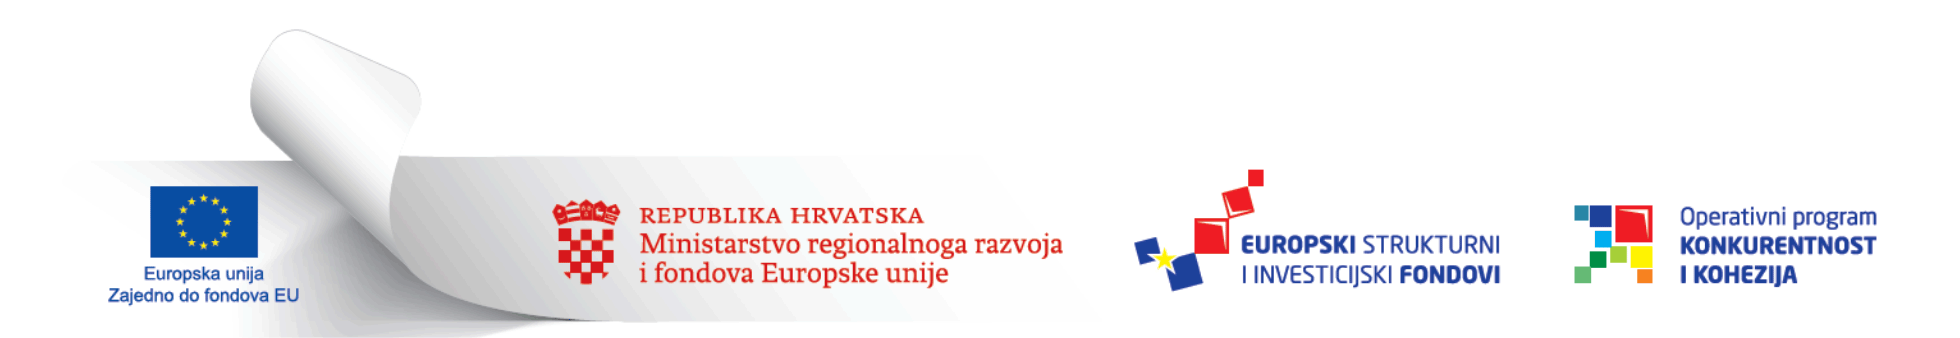 eu-project-logo-2